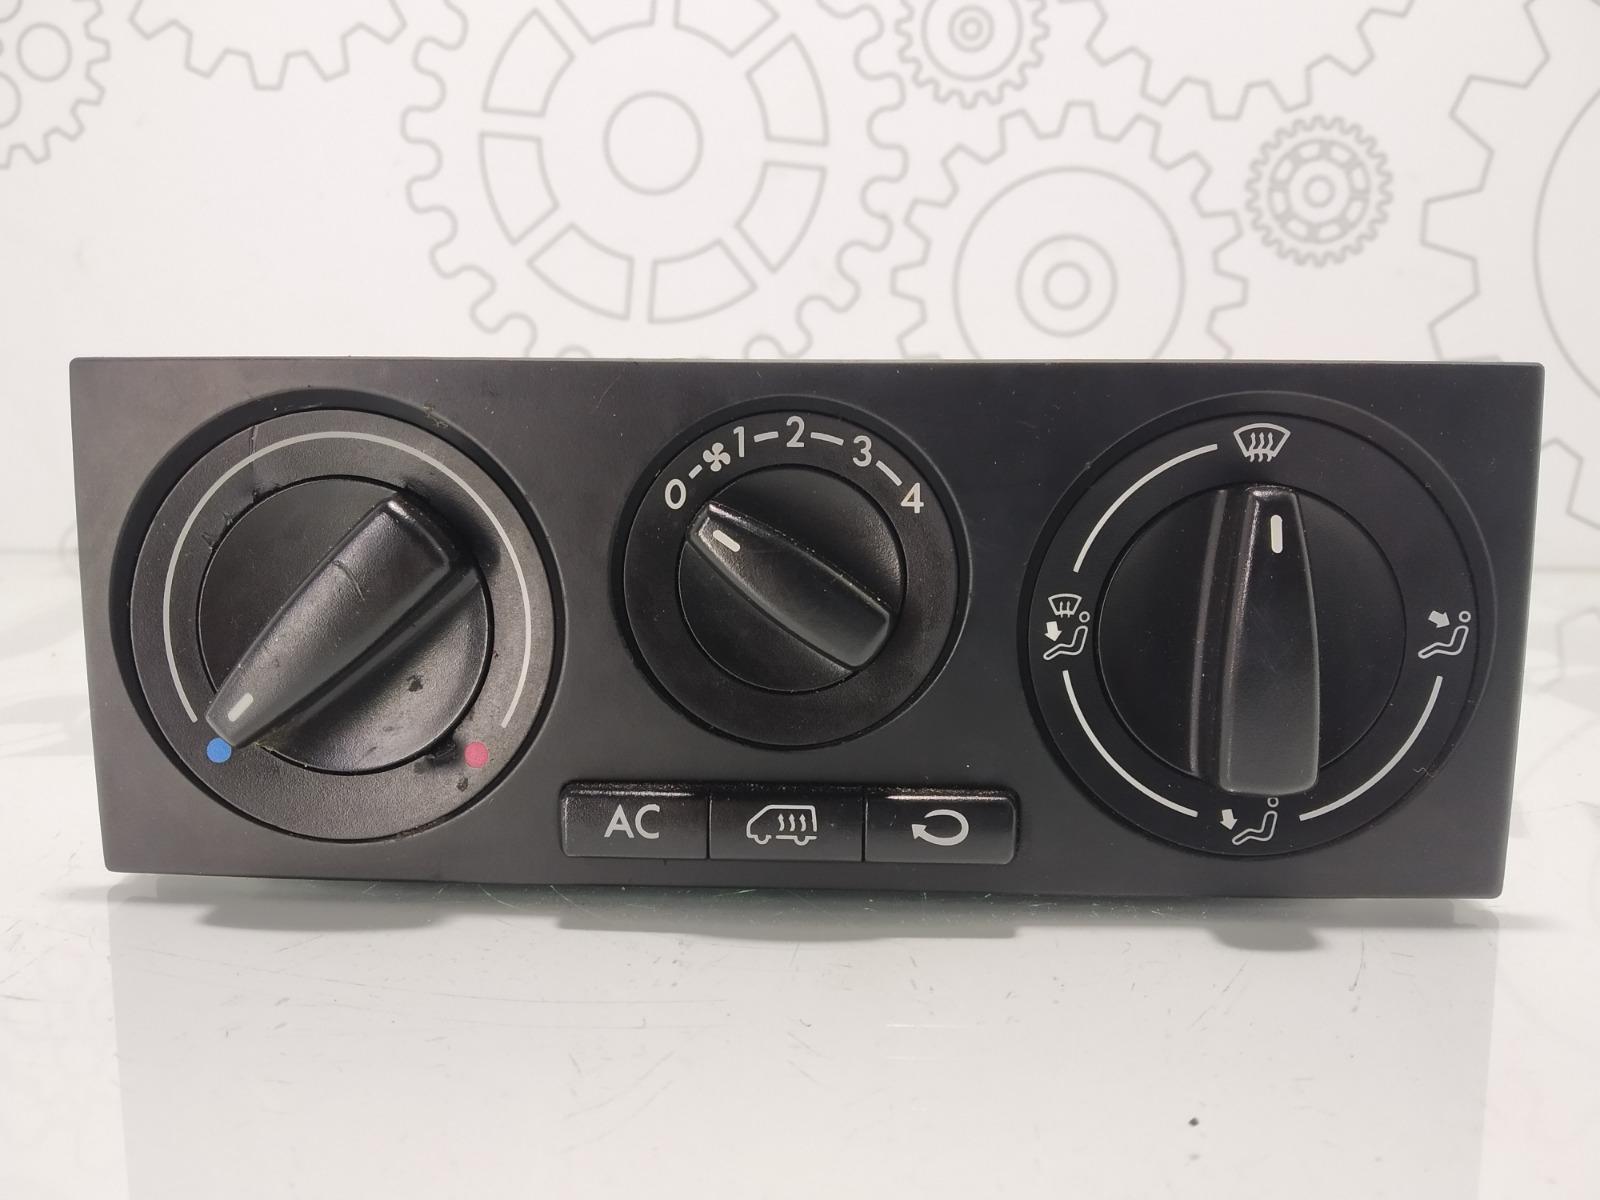 Блок управления печки/климат-контроля Ford Galaxy 2.3 I 2000 (б/у)